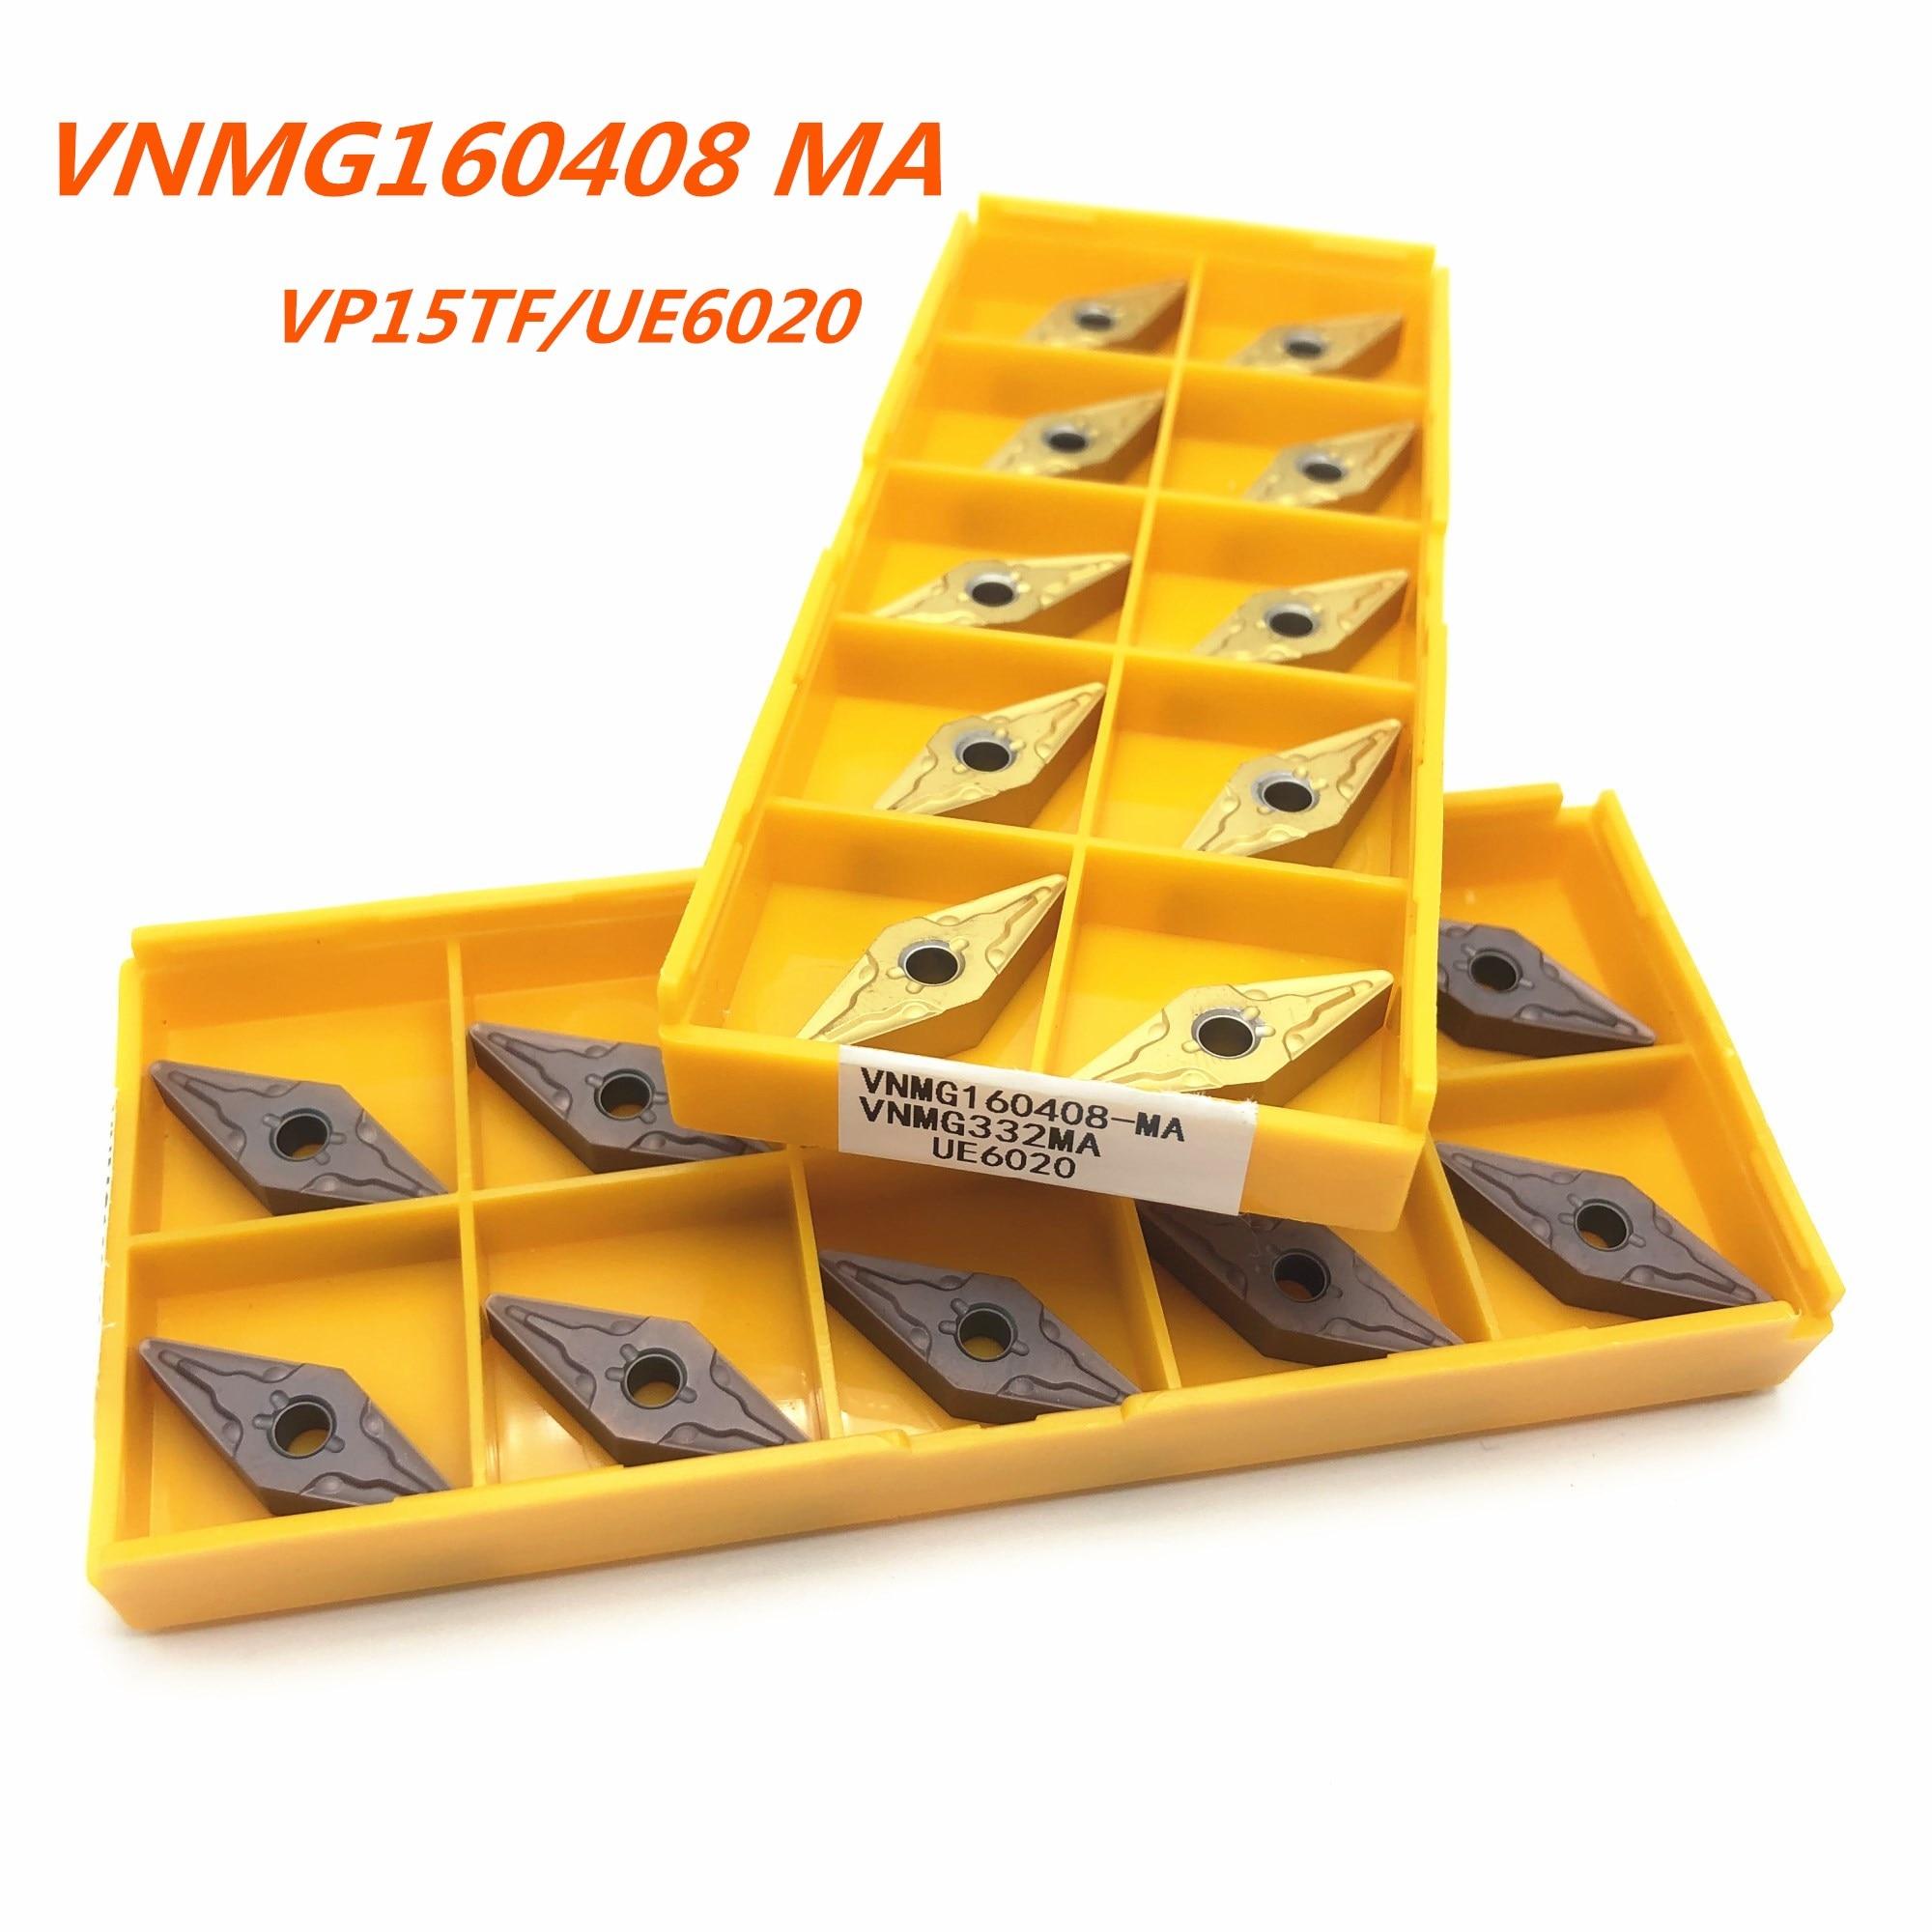 VNMG160408MA VP15TF UE6020 US735 carboneto ferramenta de tornear lâmina de metal de alta qualidade máquina CNC fresa ferramenta torno VNMG 160408